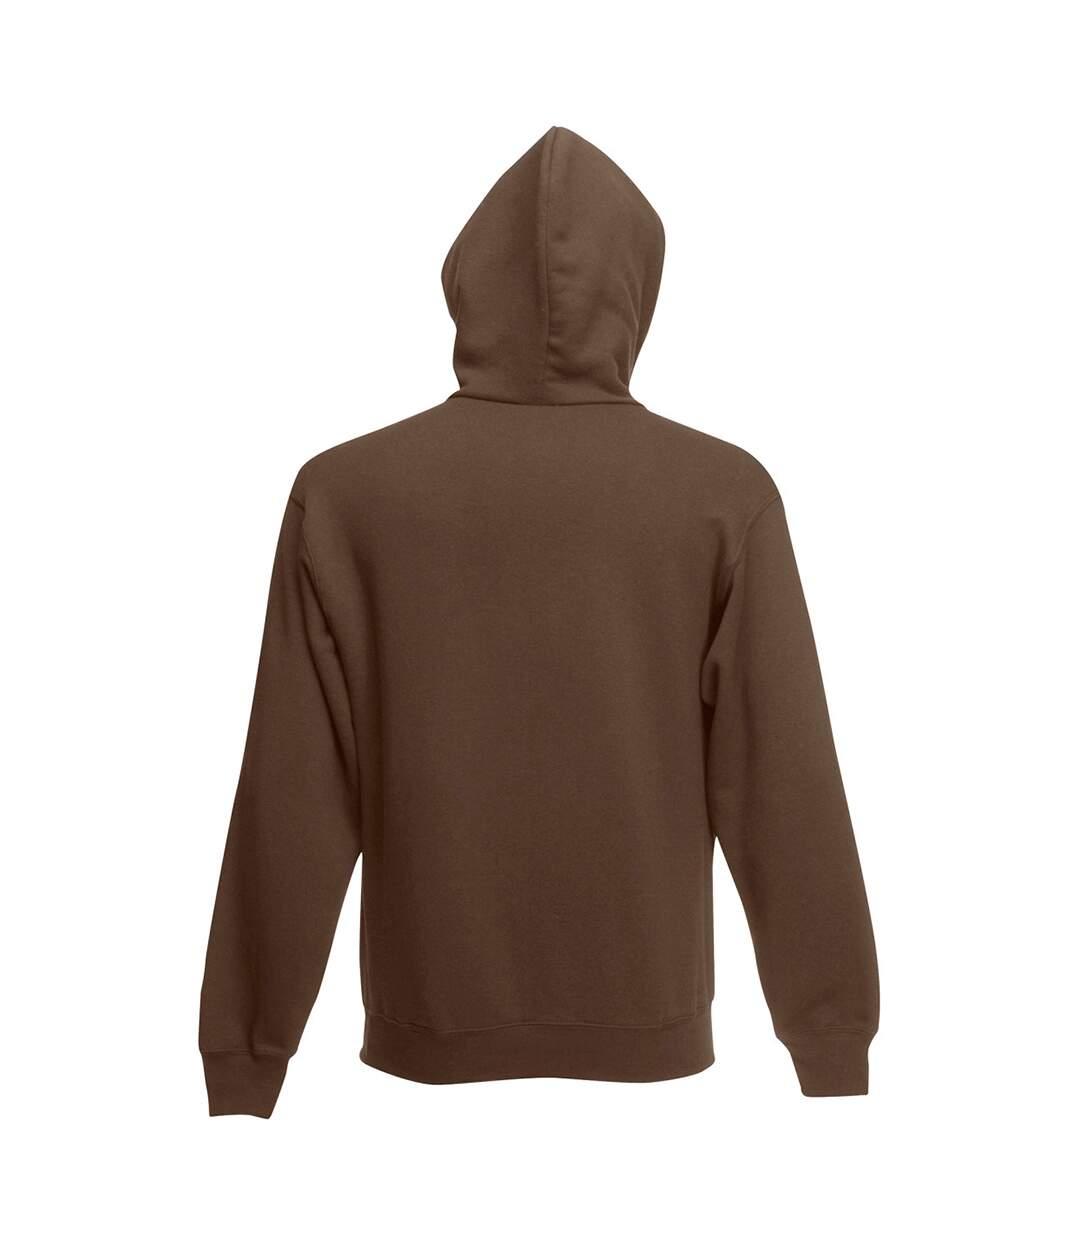 Fruit Of The Loom Mens Hooded Sweatshirt / Hoodie (Heather Grey) - UTBC366